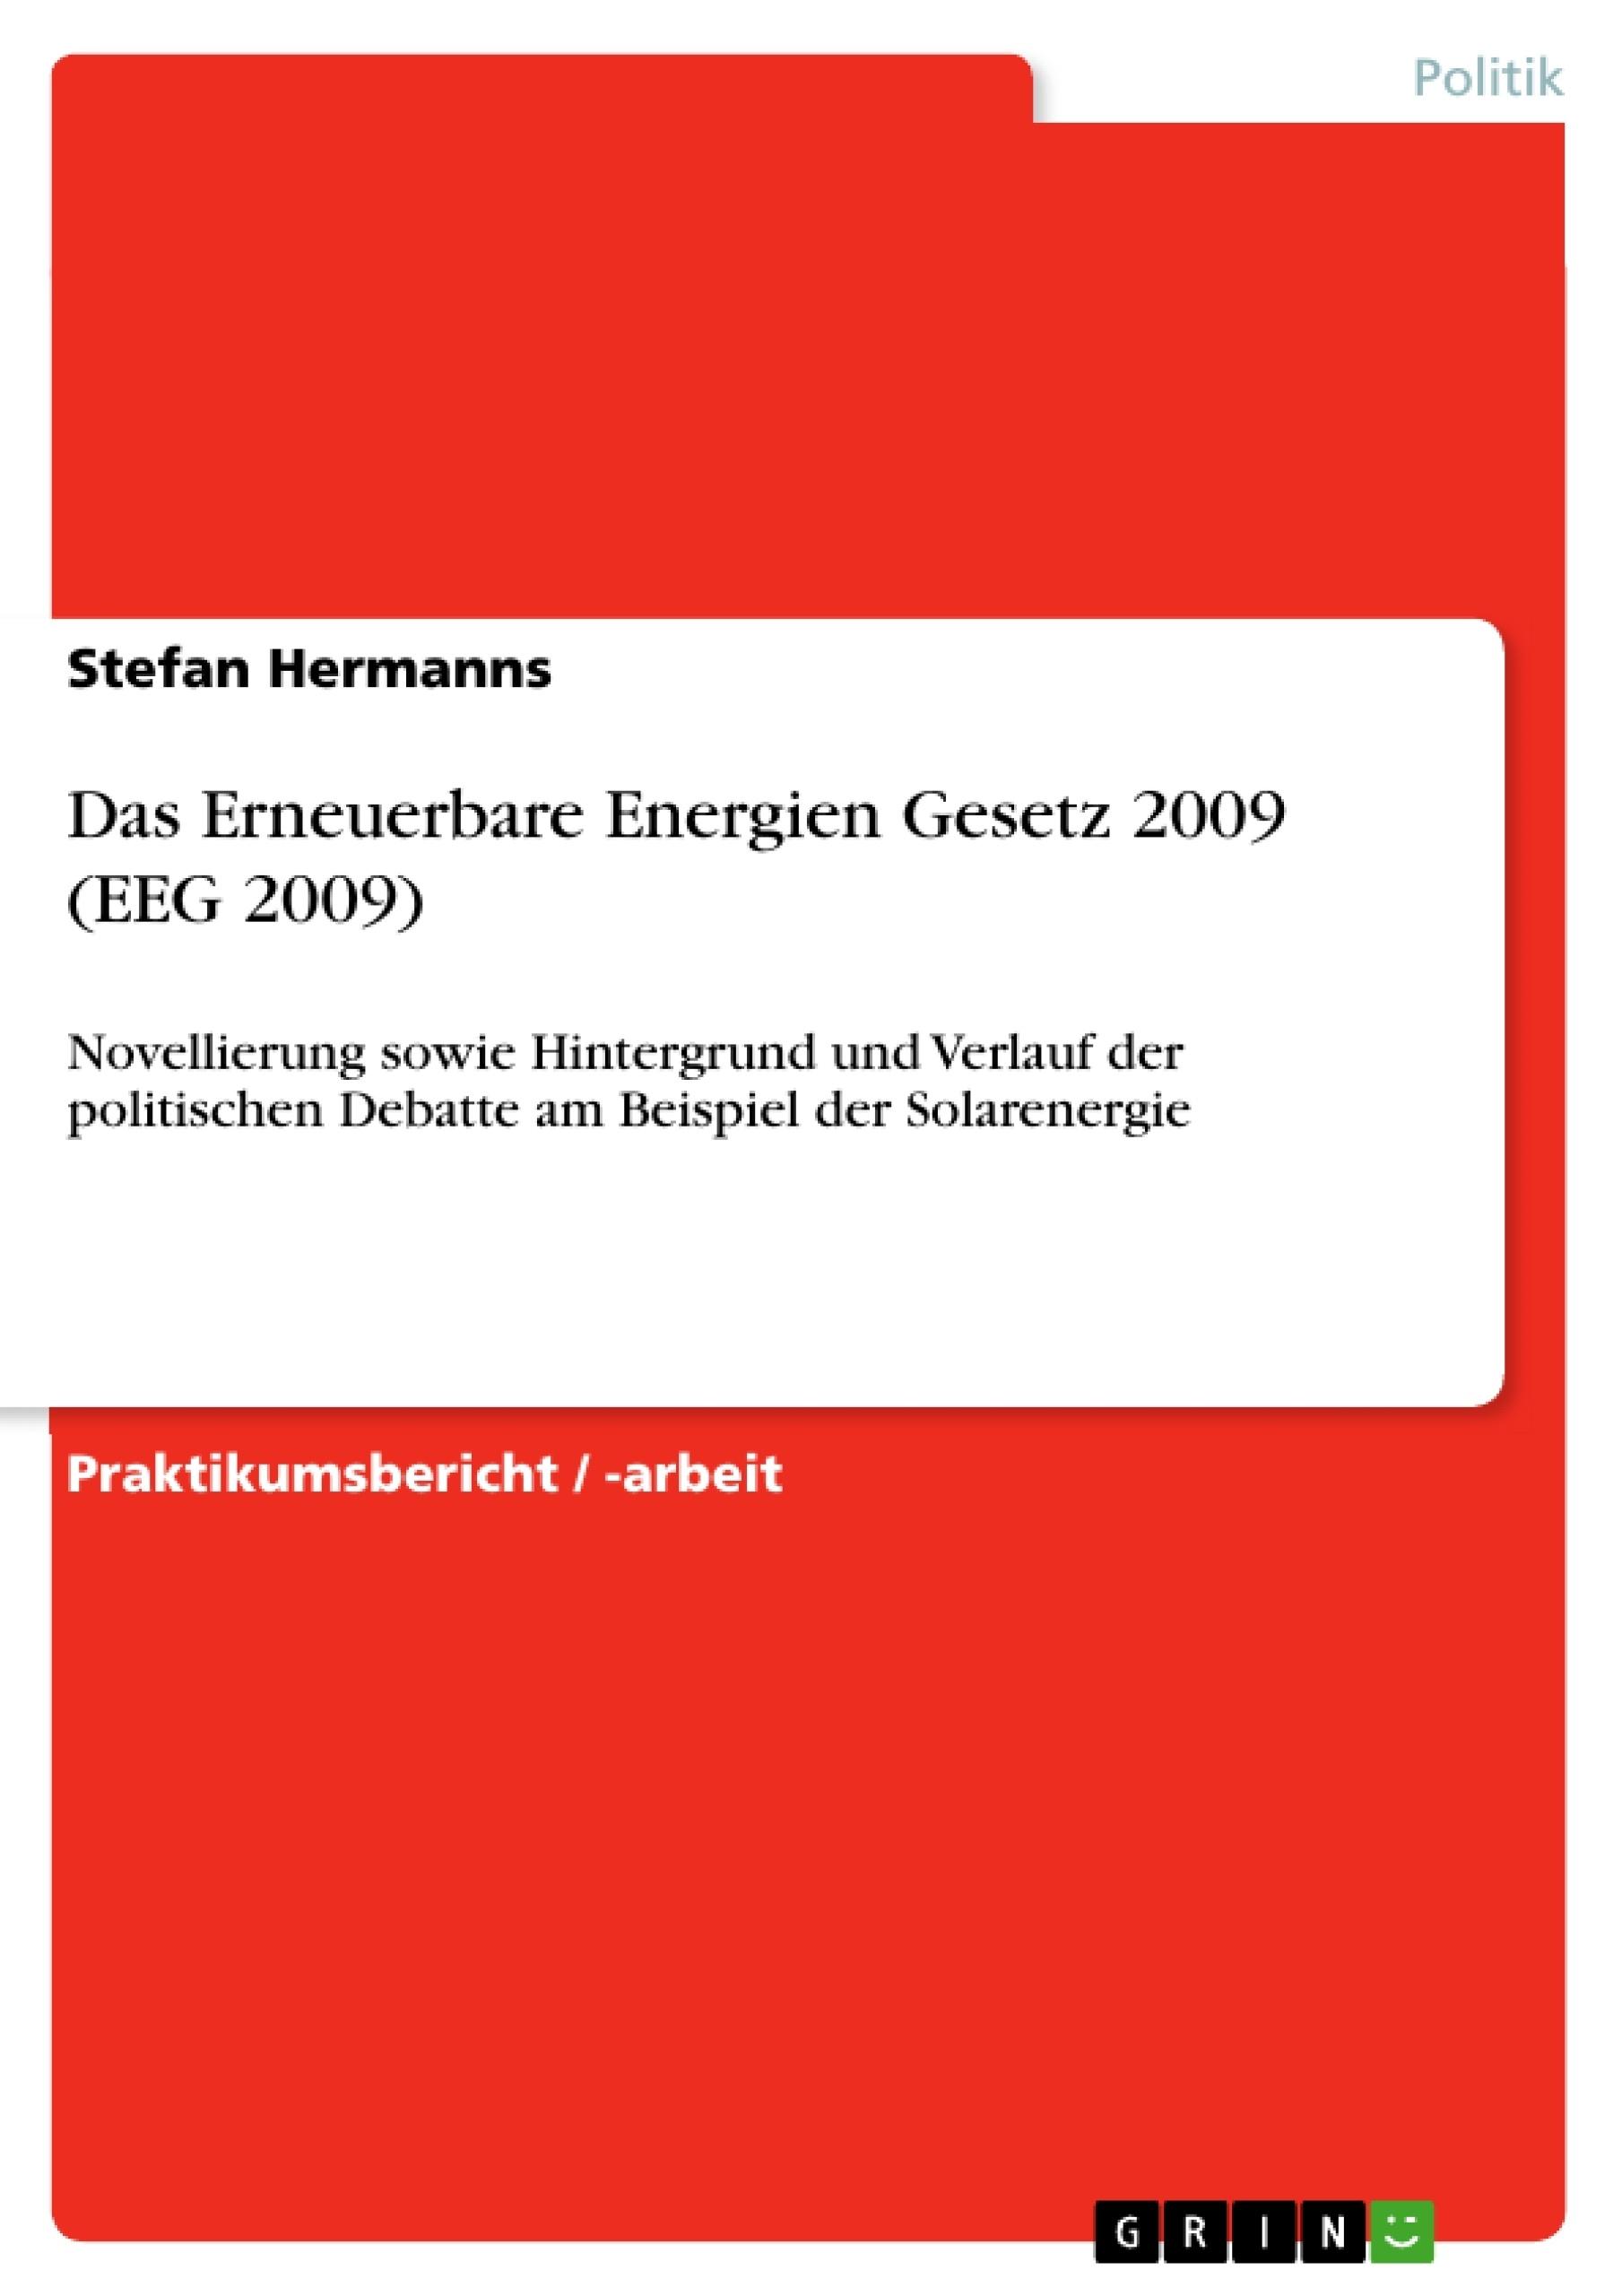 Titel: Das Erneuerbare Energien Gesetz 2009 (EEG 2009)